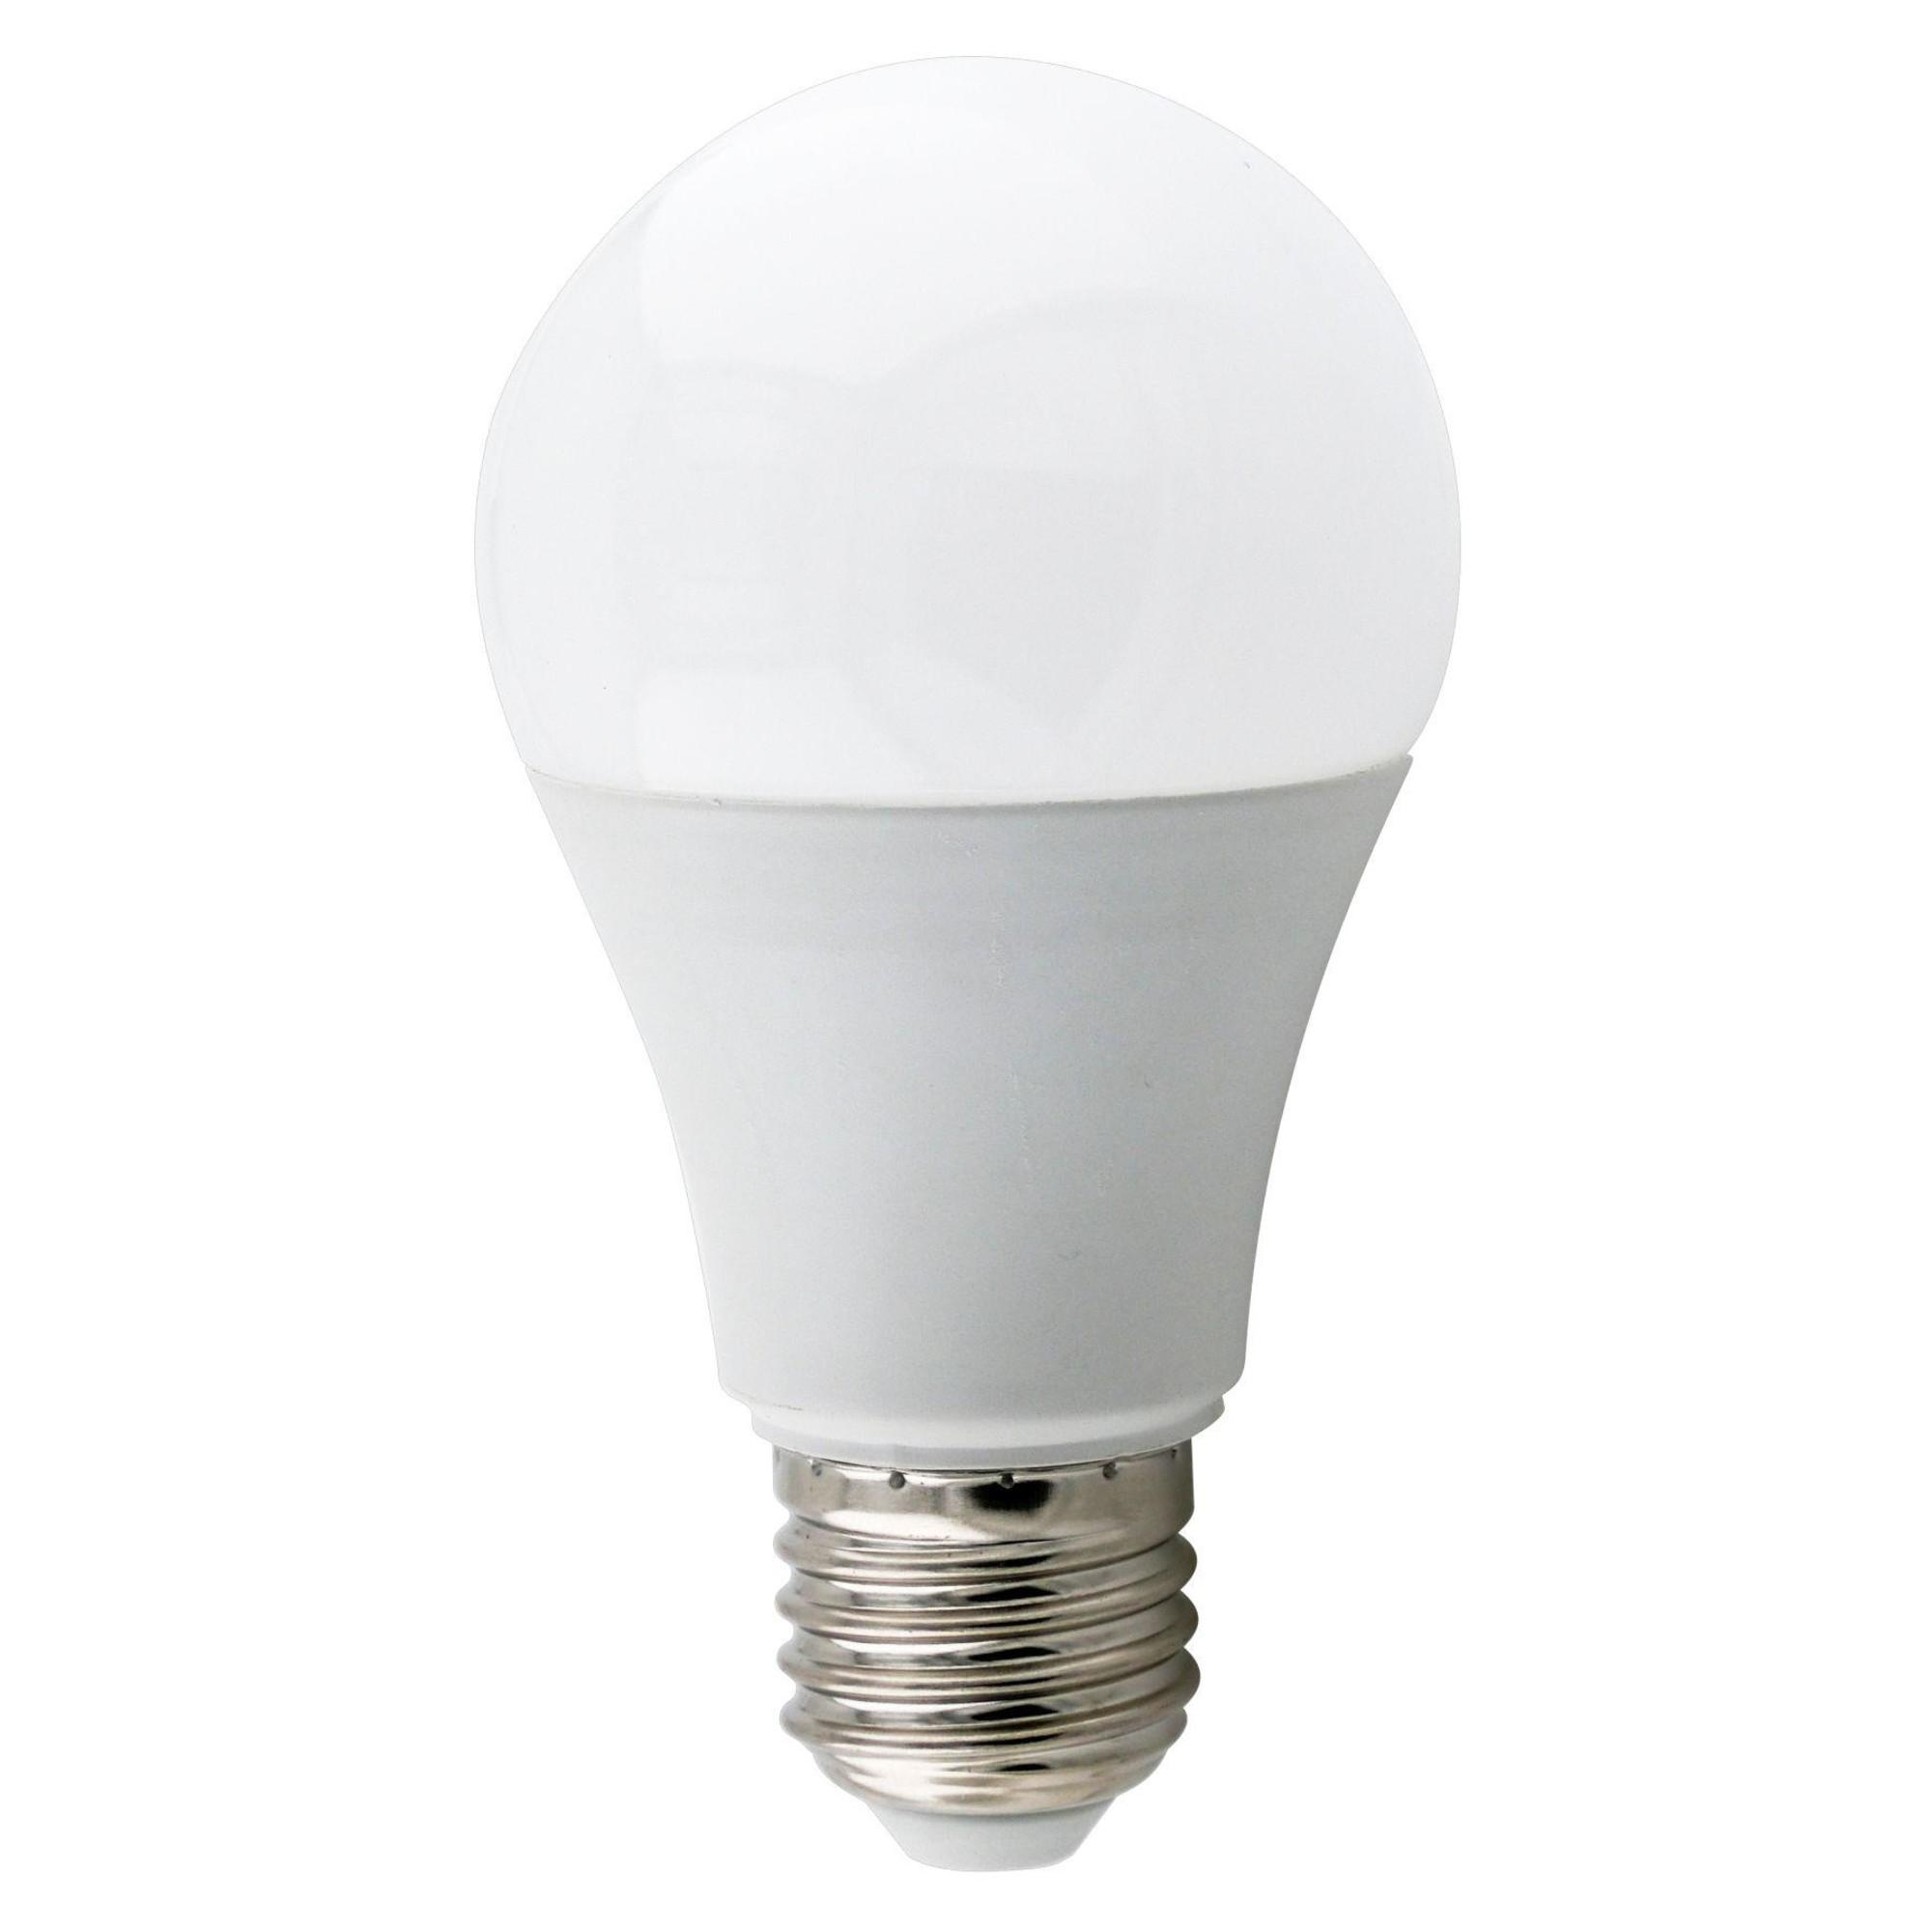 Лампа Ecola стандарт светодионая E27 10.20 Вт груша 710 Лм нейтральный свет